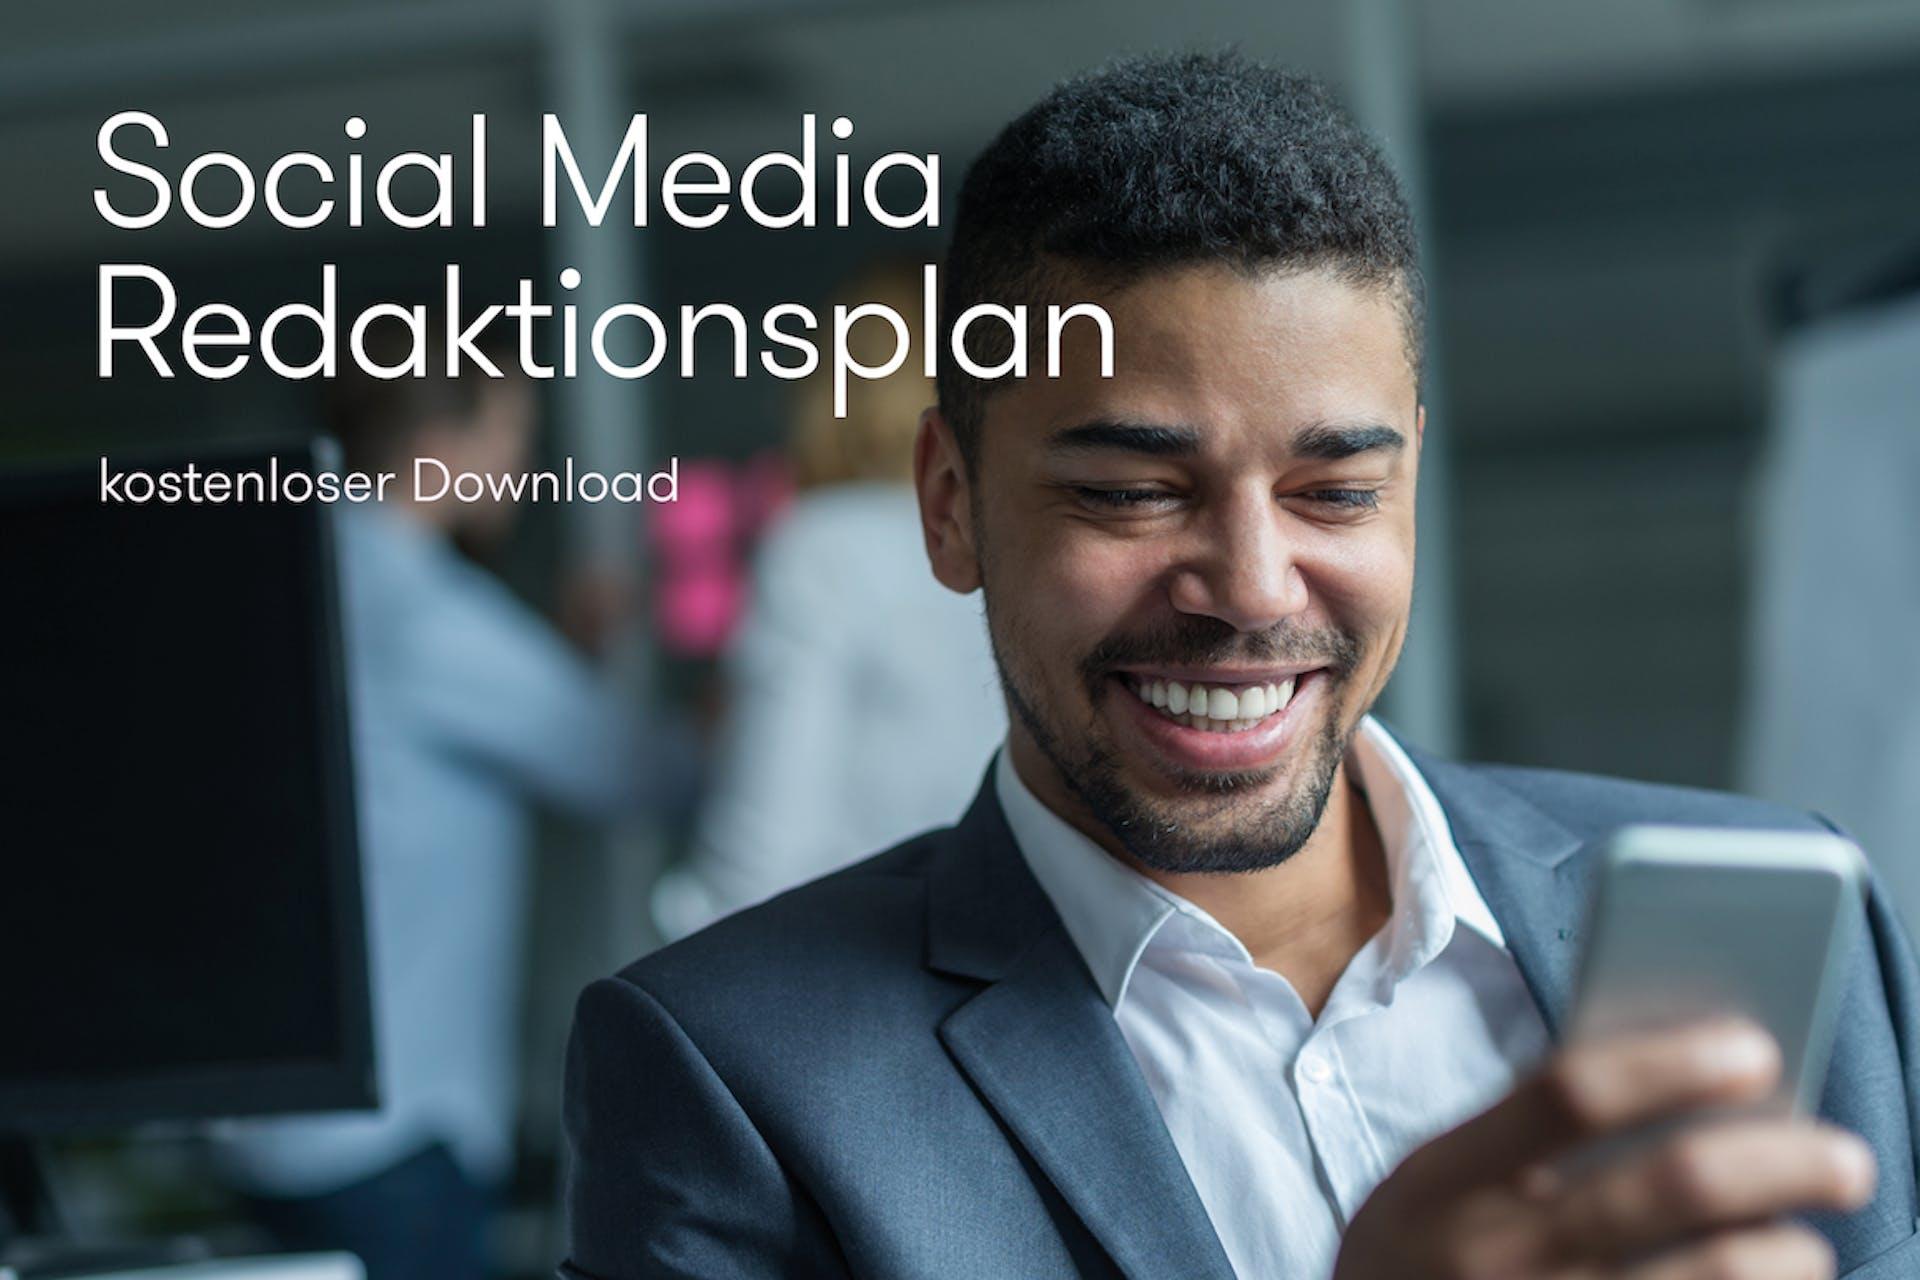 Man schaut lächelnd auf sein Smartphone. Links von ihm steht Social Media Redaktionsplan kostenloser Download geschrieben